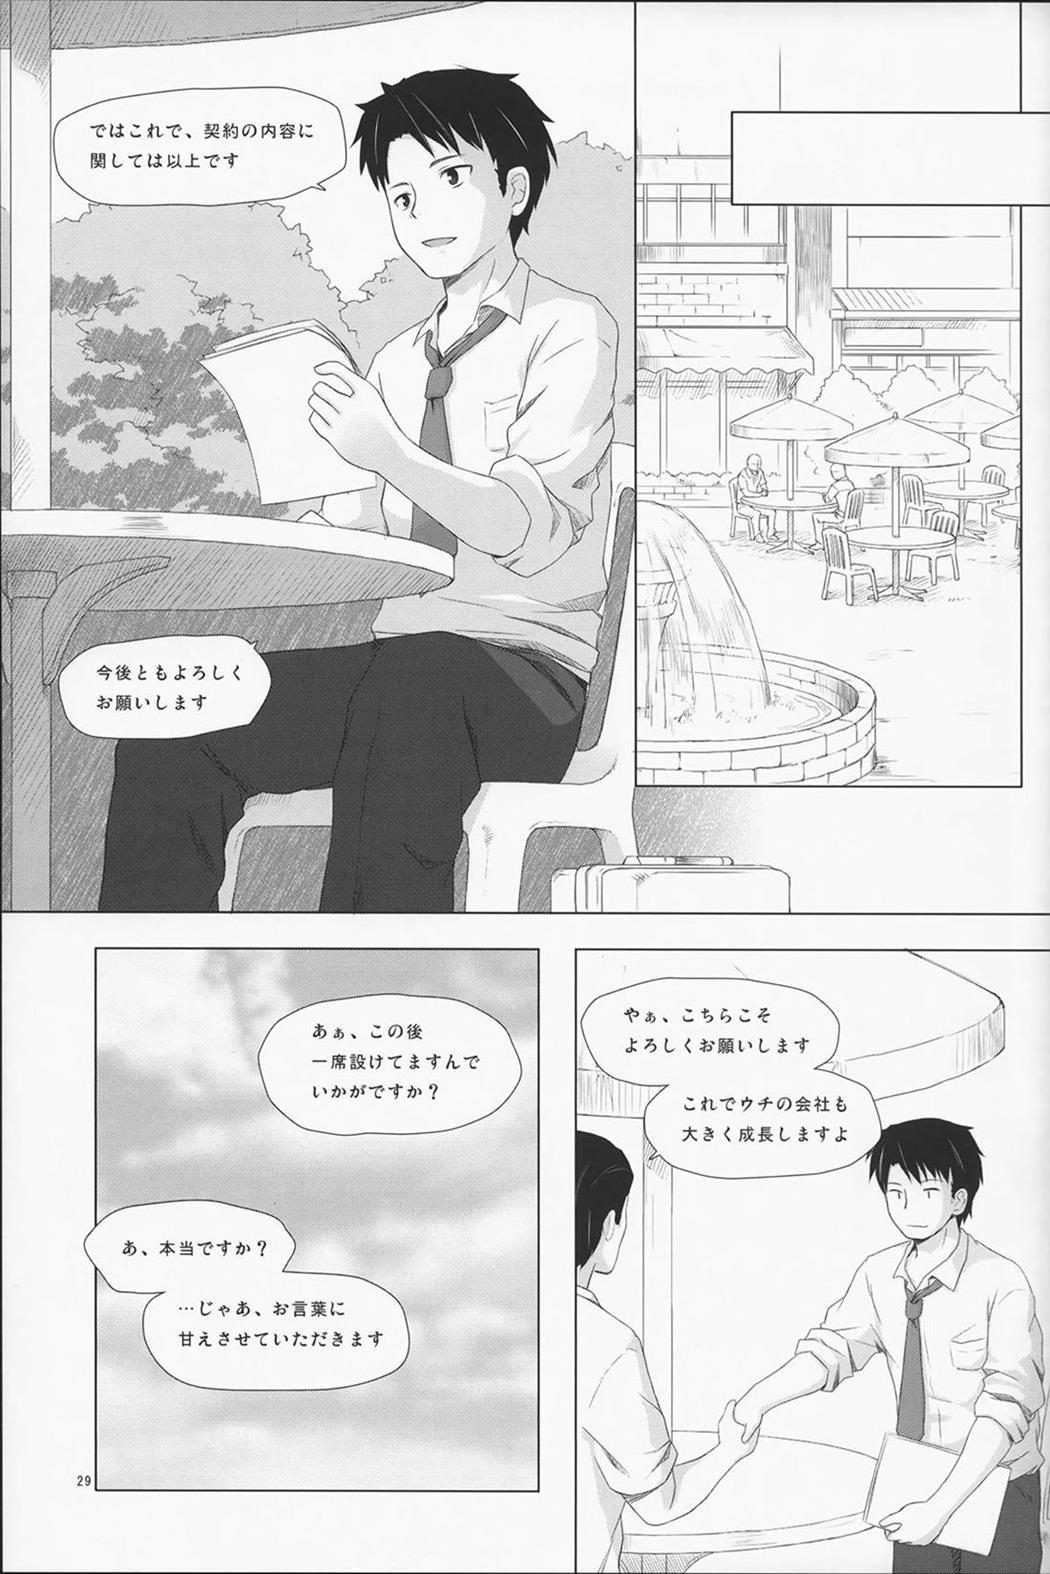 【エロ漫画・エロ同人誌】異国で父親に売られて売春する羽目になったロリ少女wひたすらお客とエッチしてる毎日を送ってたら日本人の男に助けられ日本に来てもセックス依存がぬけてないwww (29)